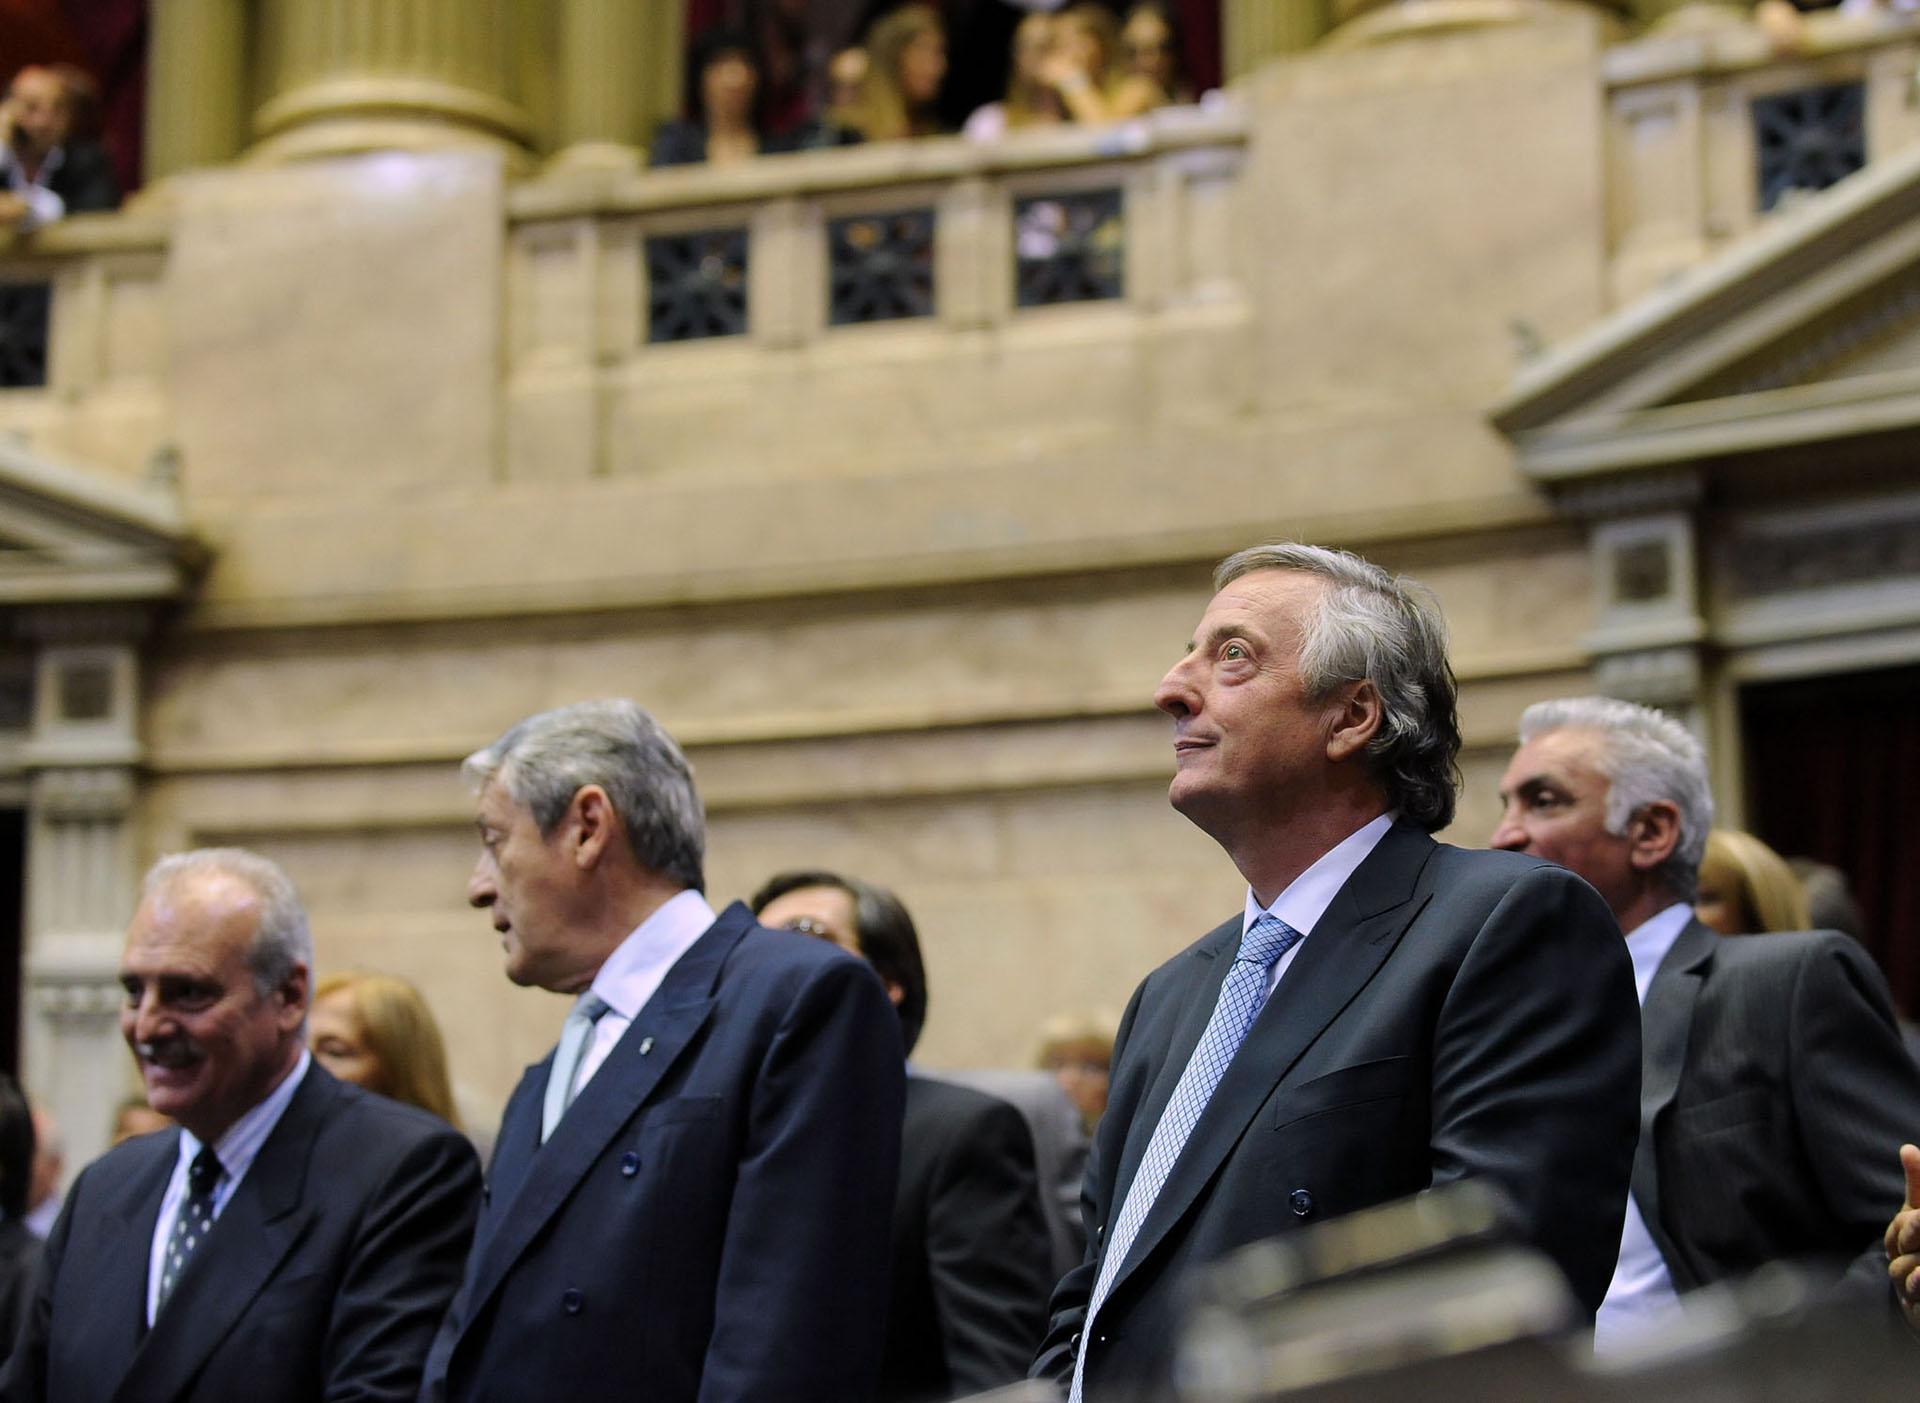 El ex presidente Néstor Kirchner durante la ceremonia de jura de los nuevos diputados en el Congreso.